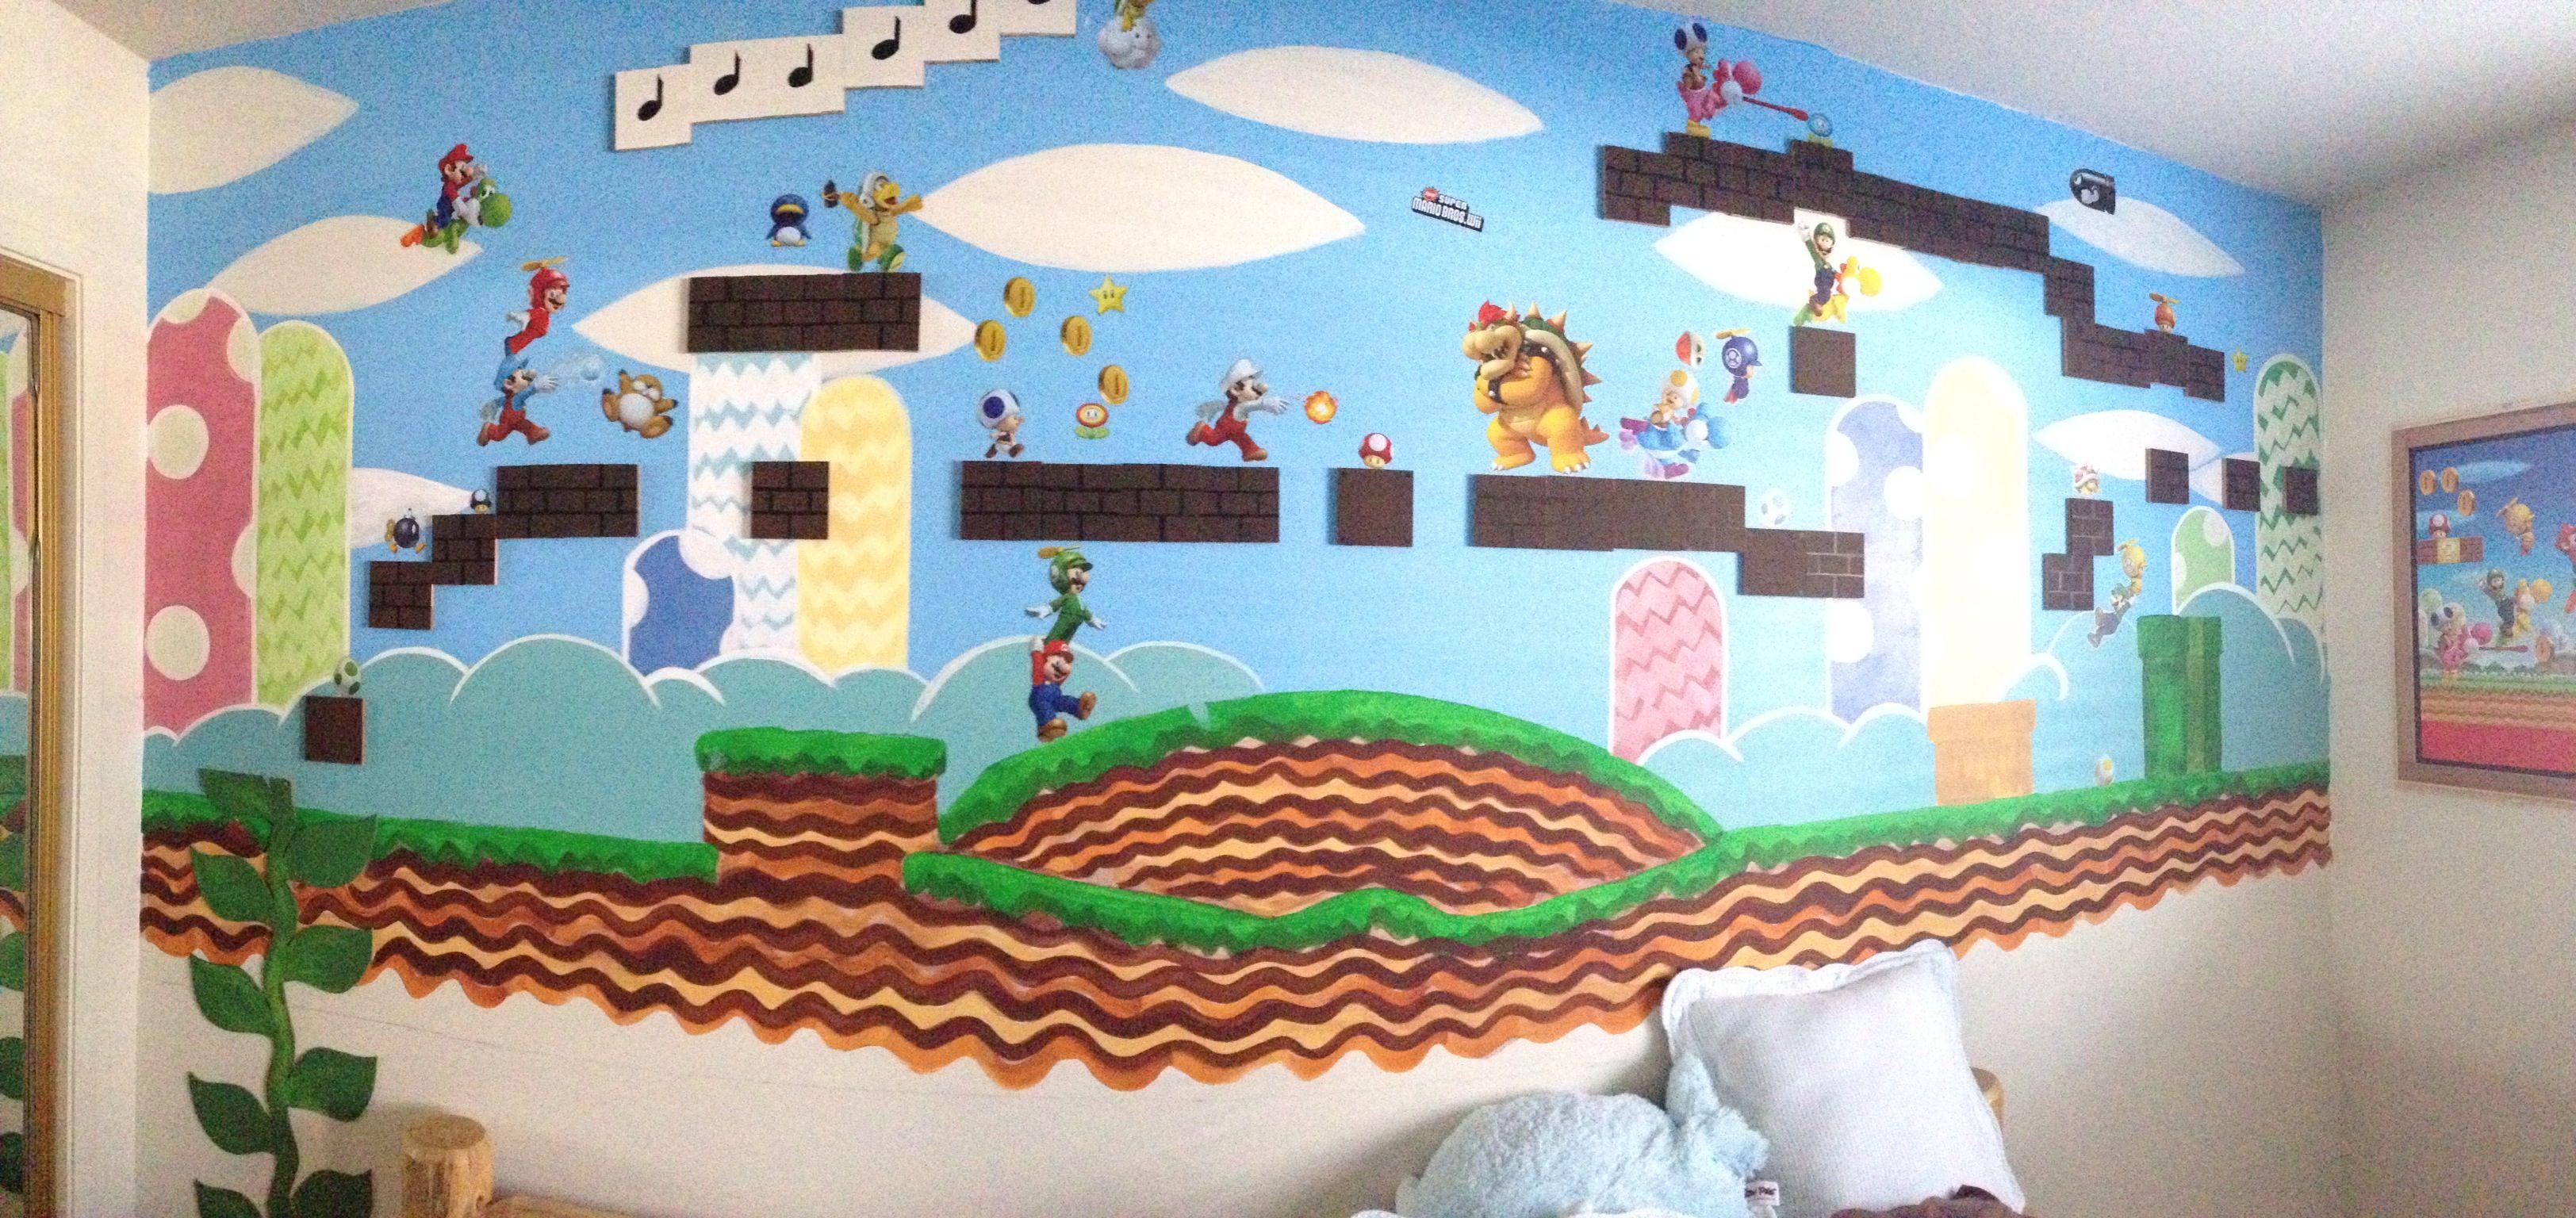 Super mario wallpaper for walls